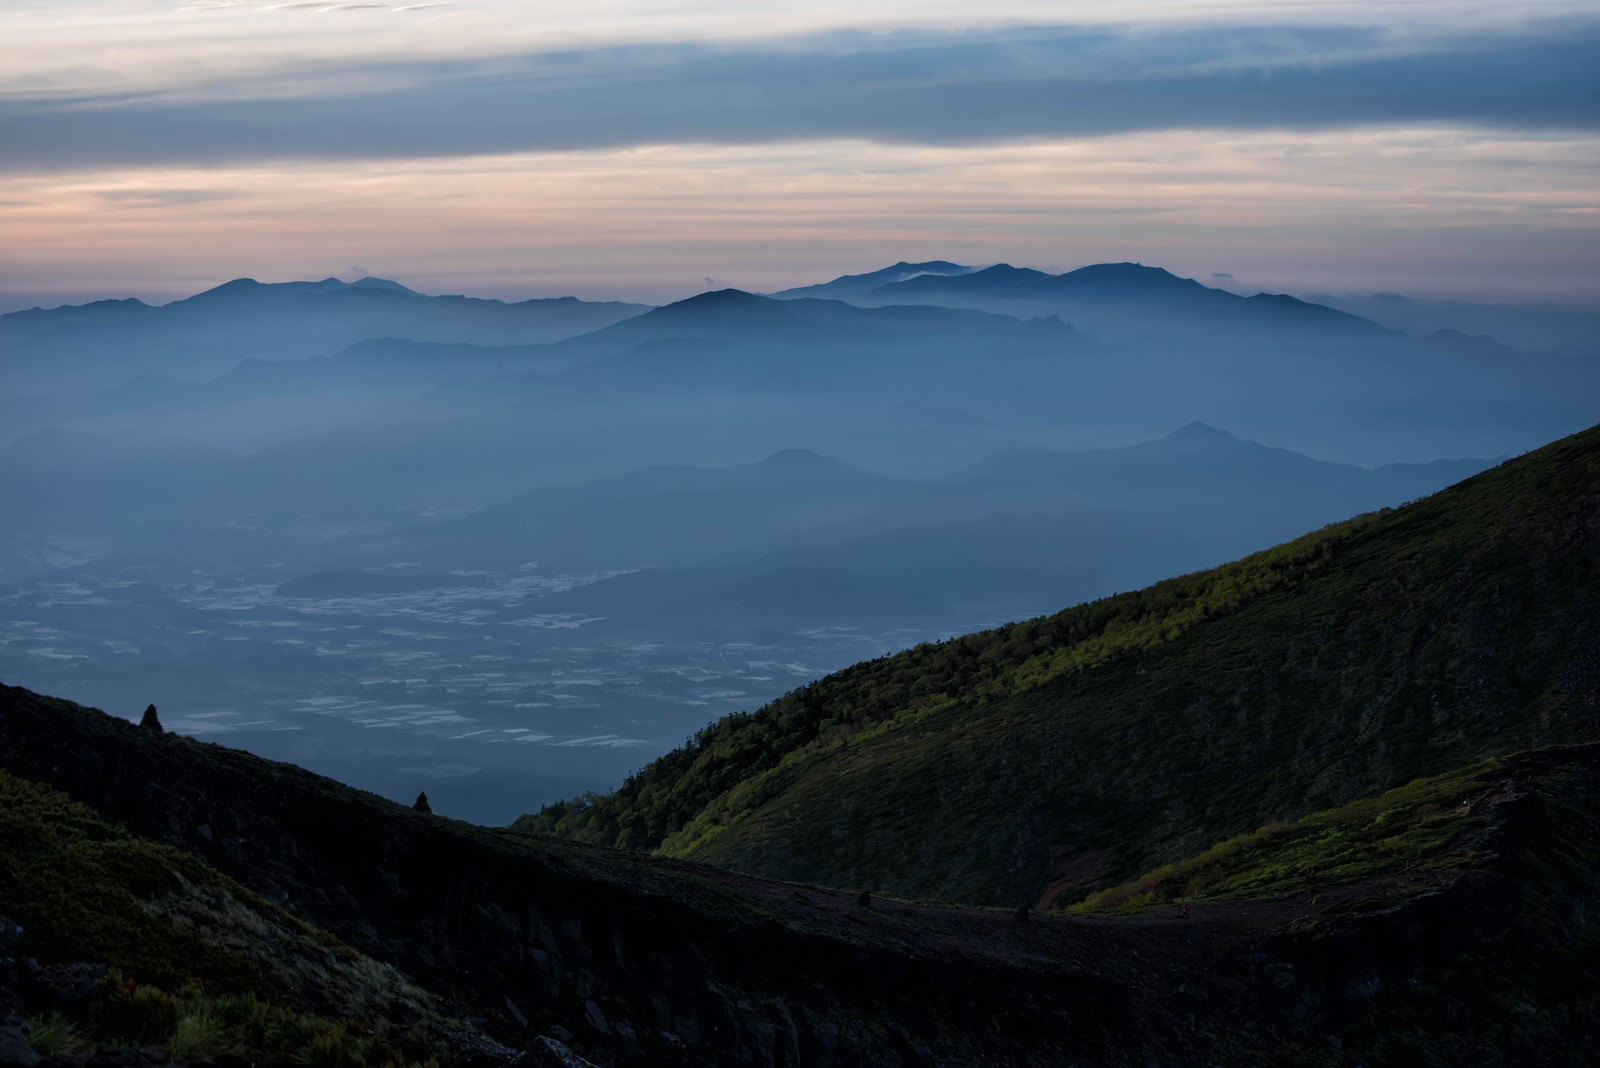 「霞に浮かぶ奥秩父山塊の神秘」の写真